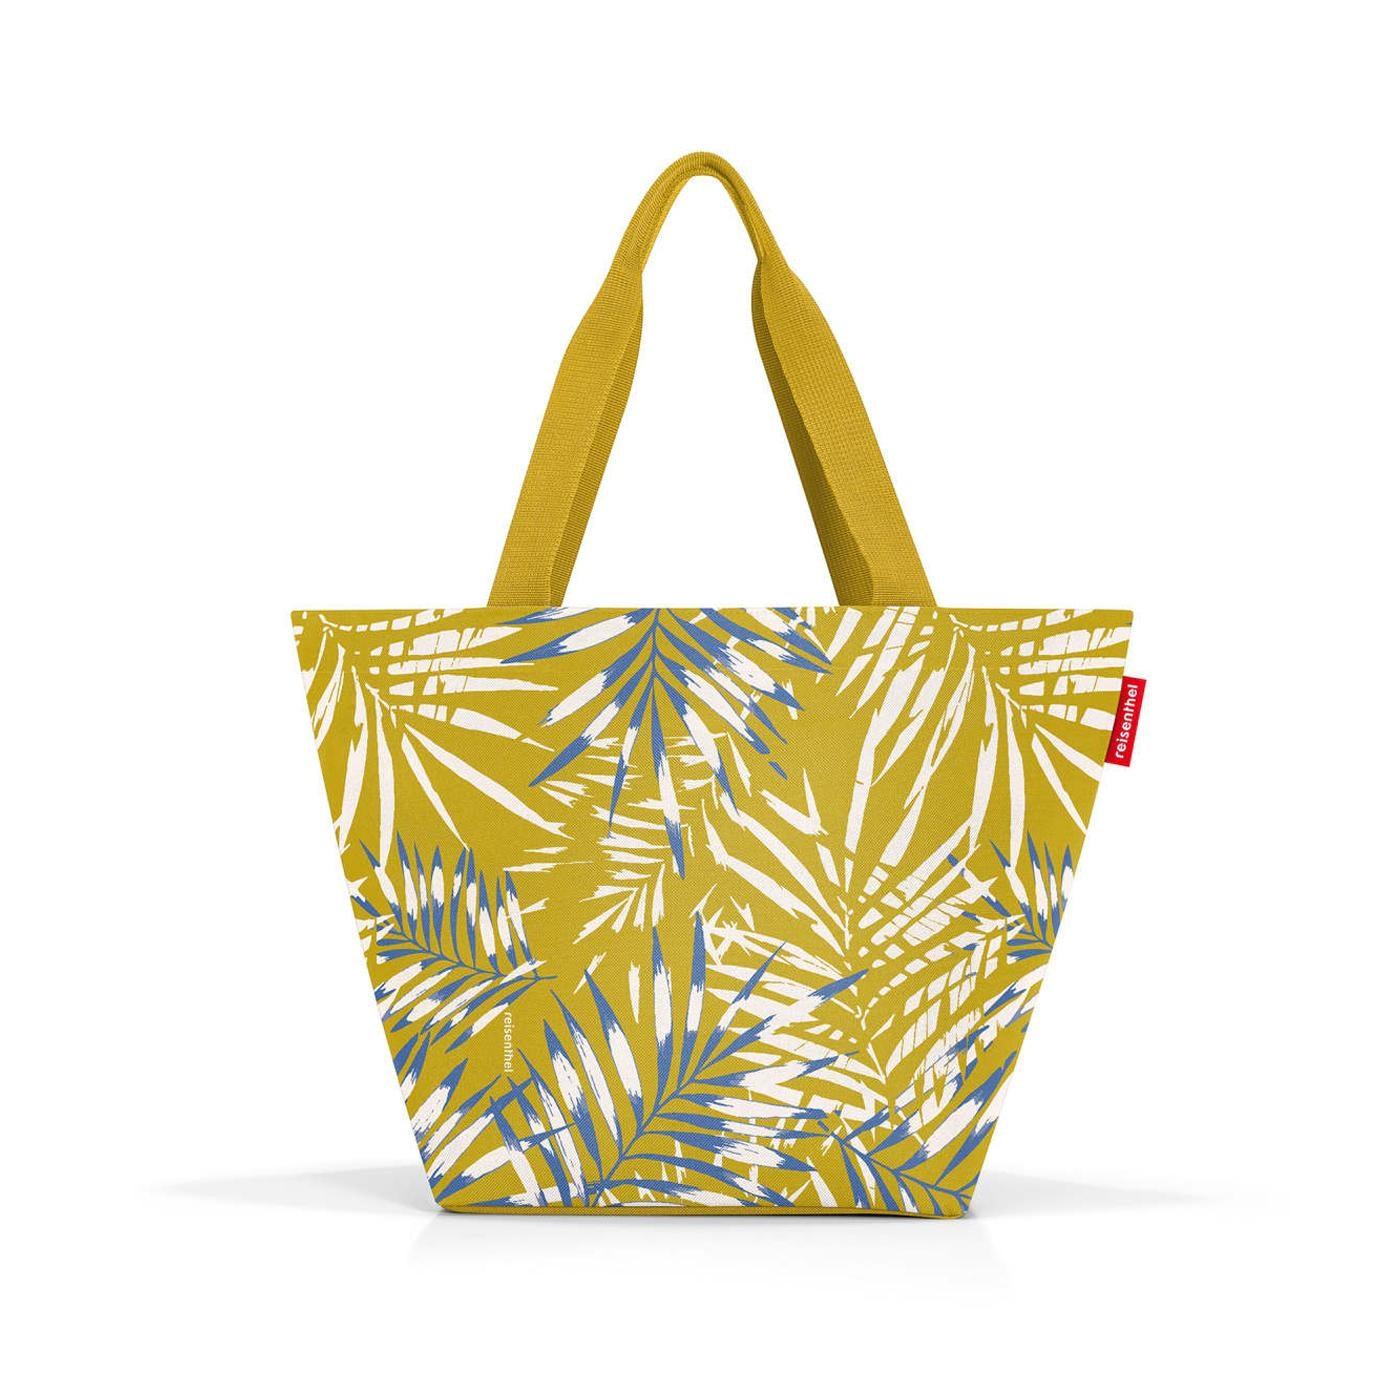 Nákupní taška Shopper M jungle curry_1